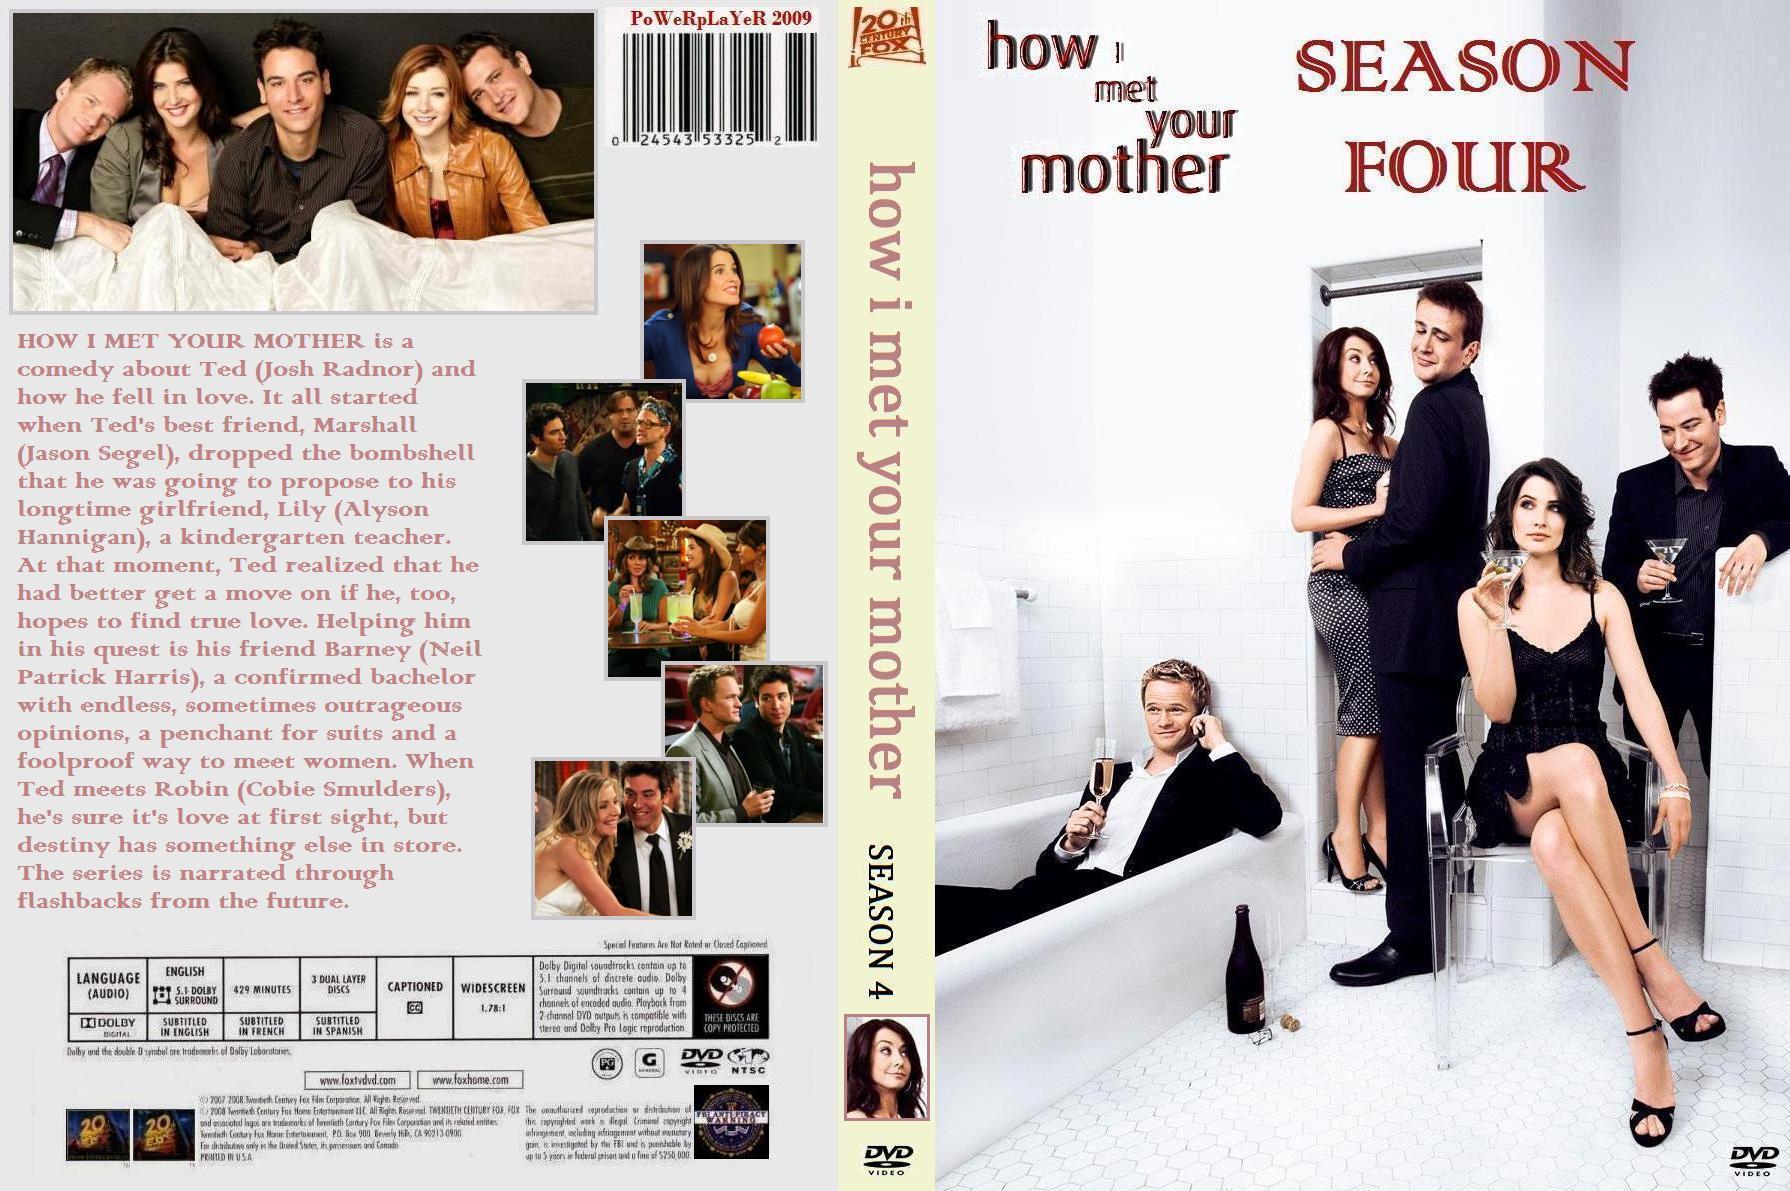 Download How I Met Your Mother - Season 4 Torrent - KickassTorrents wynemlato max1335565197-inlay-cover